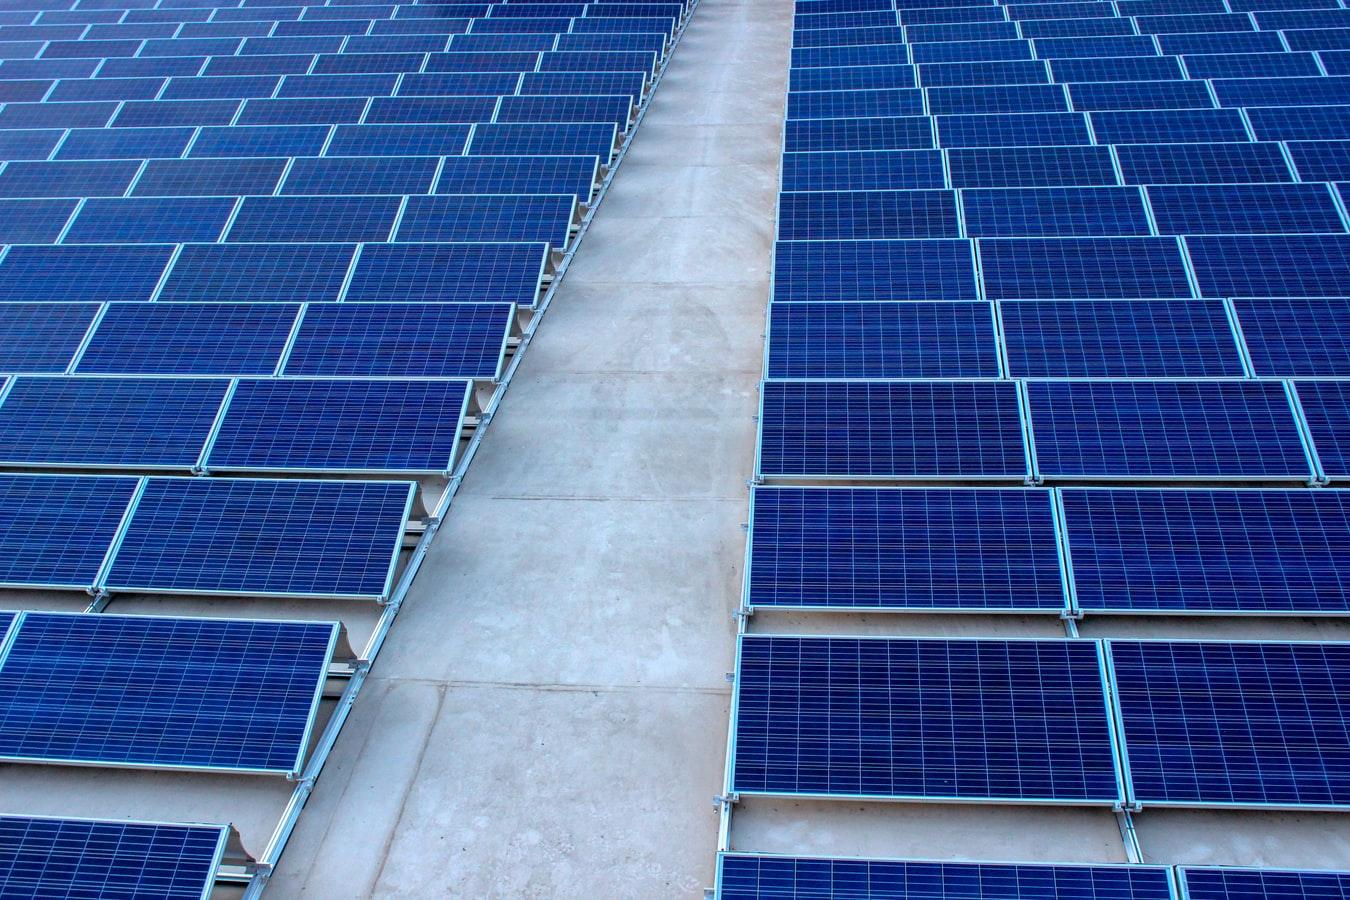 L'énergie solaire : comment est-elle produite et qu'elles sont les avantages ?